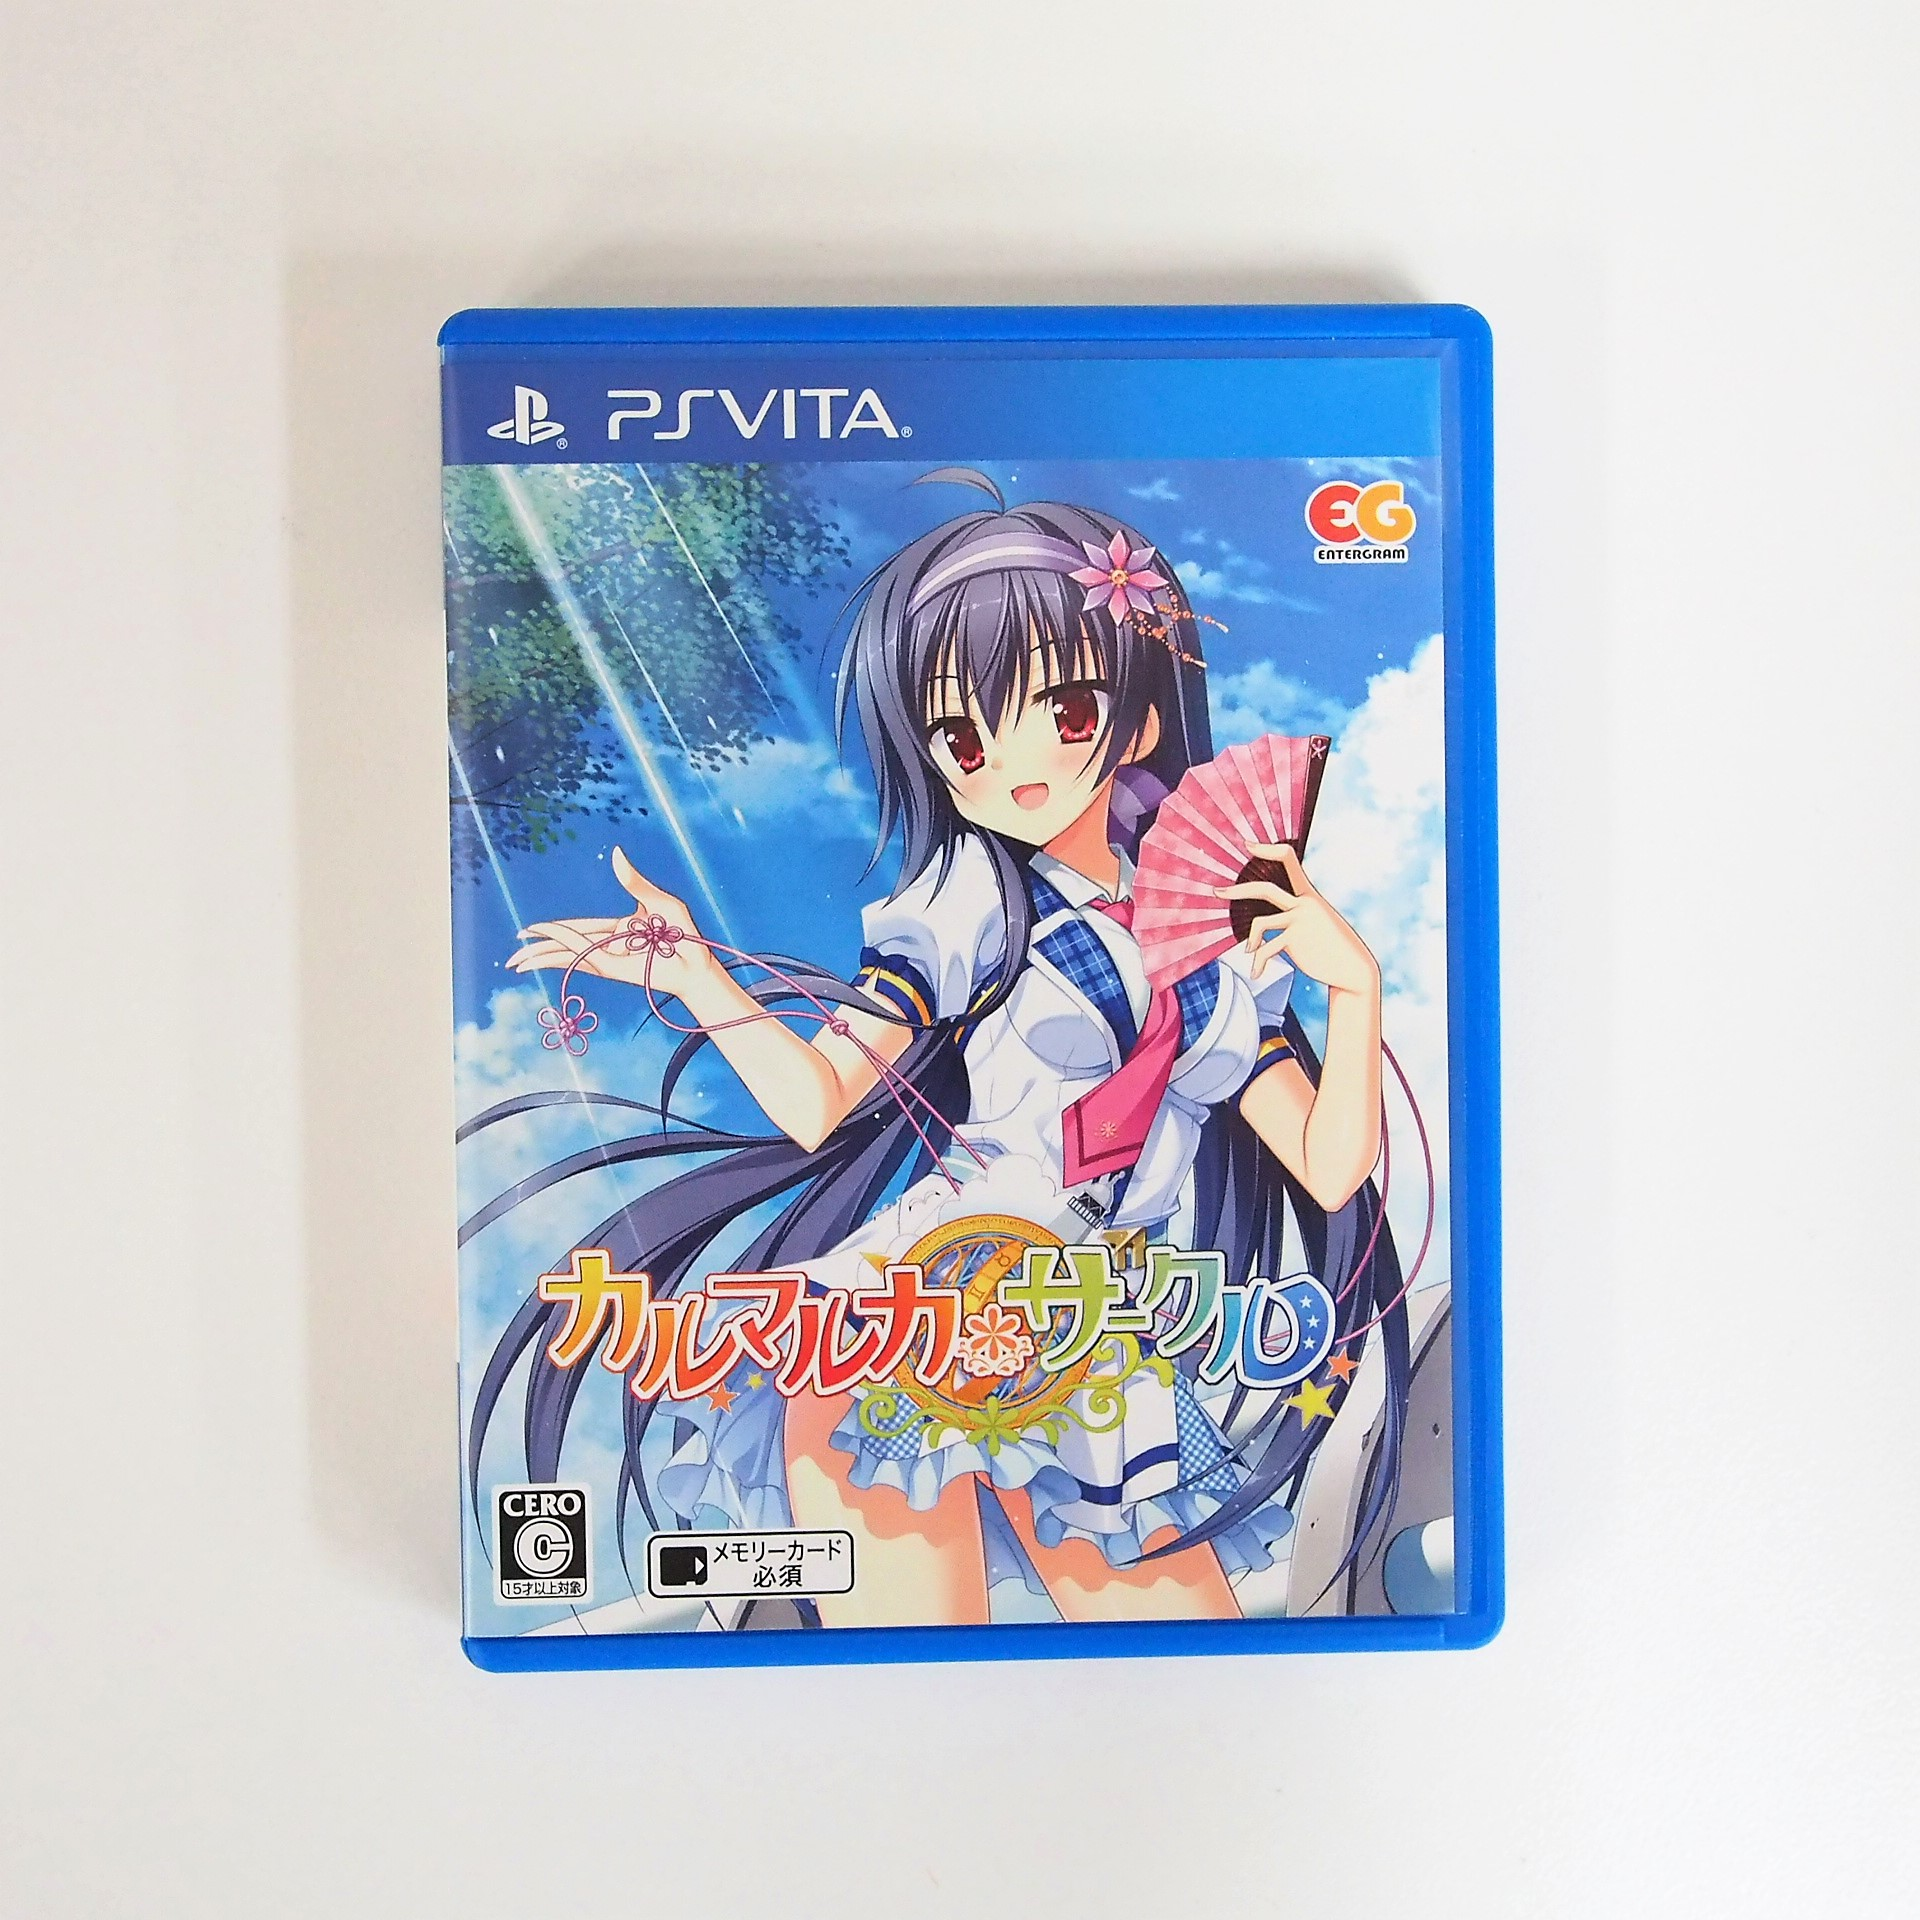 PS Vita カルマルカ*サークル